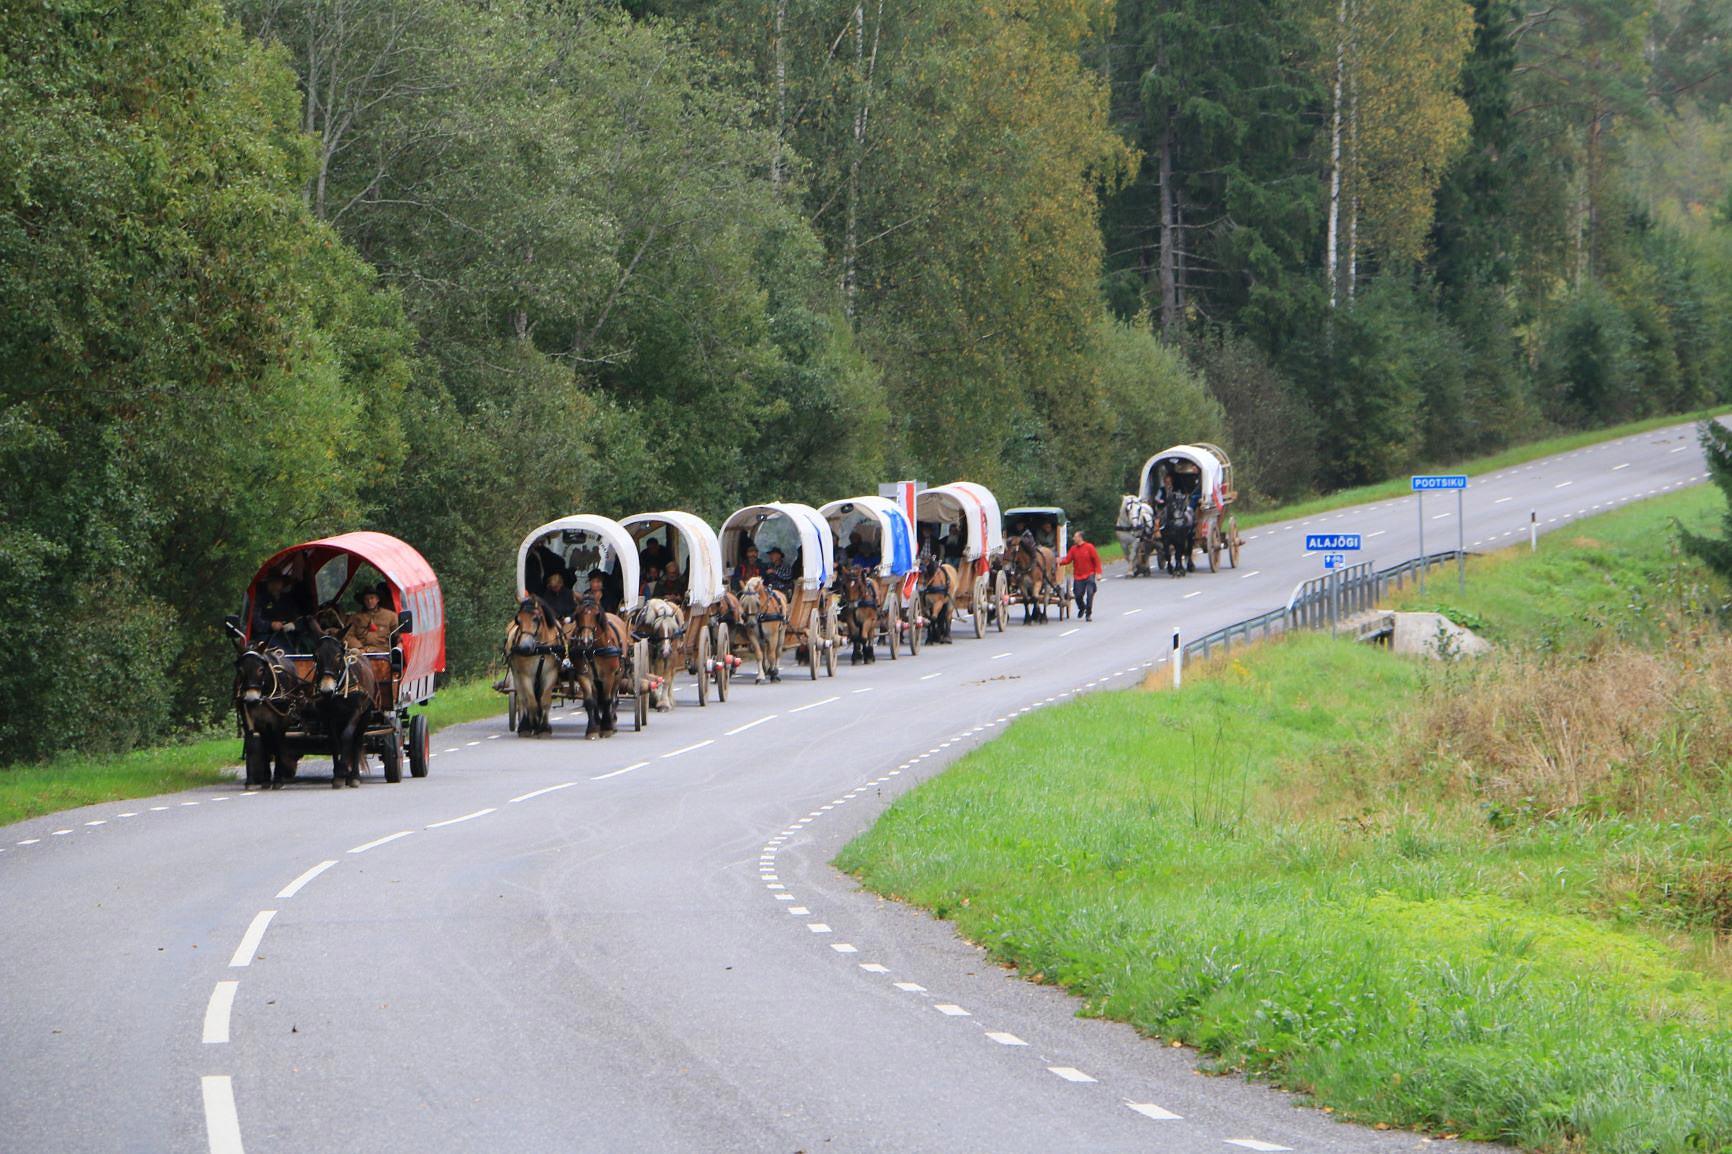 immer weiter neuen Abenteuern entgegen - Titanen on tour in Estland